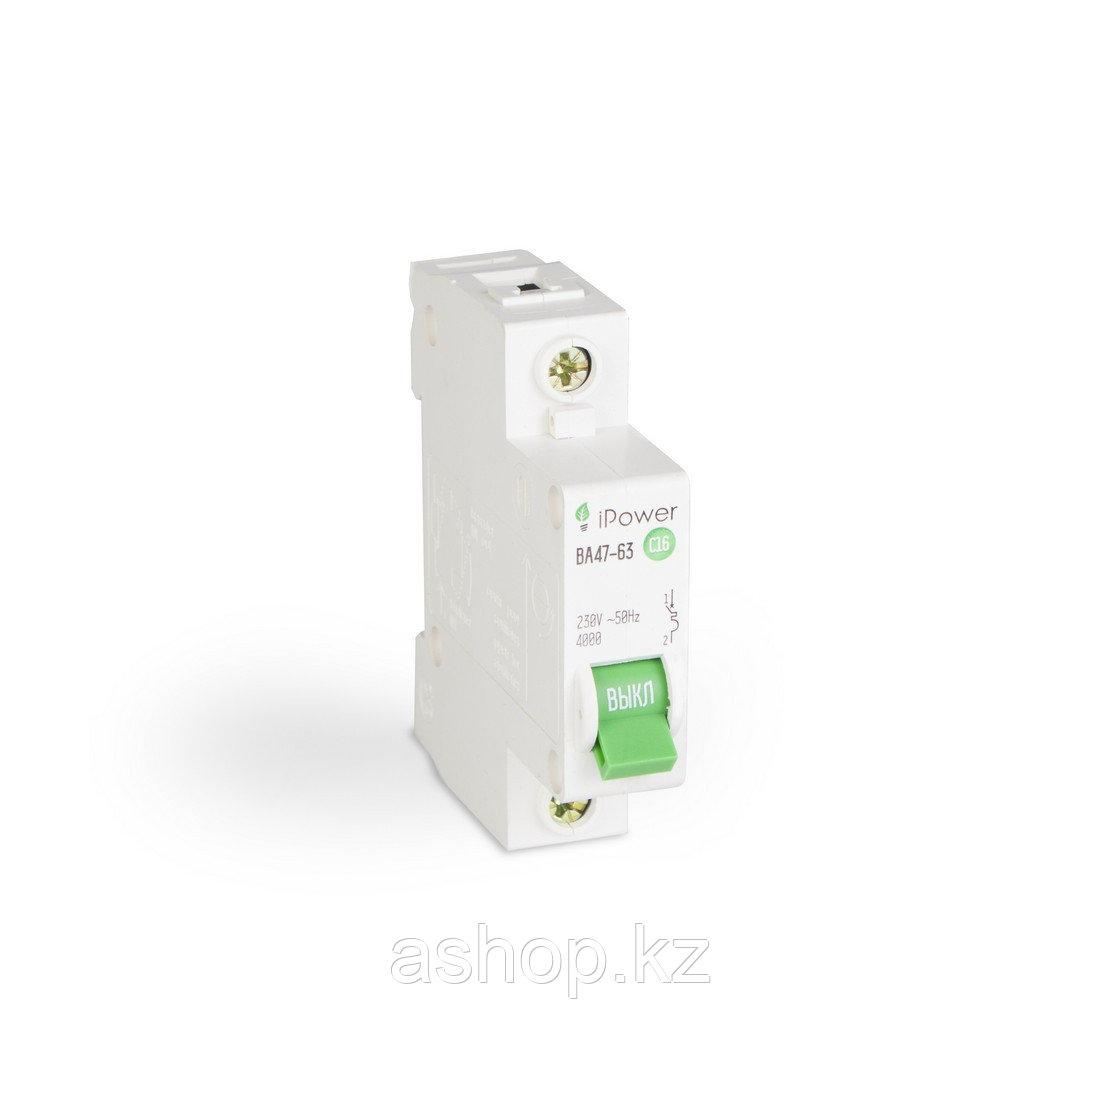 Автоматический выключатель реечный iPower ВА47-63 1P 63А, 230/400 В, Кол-во полюсов: 1, Предел отключения: 4,5